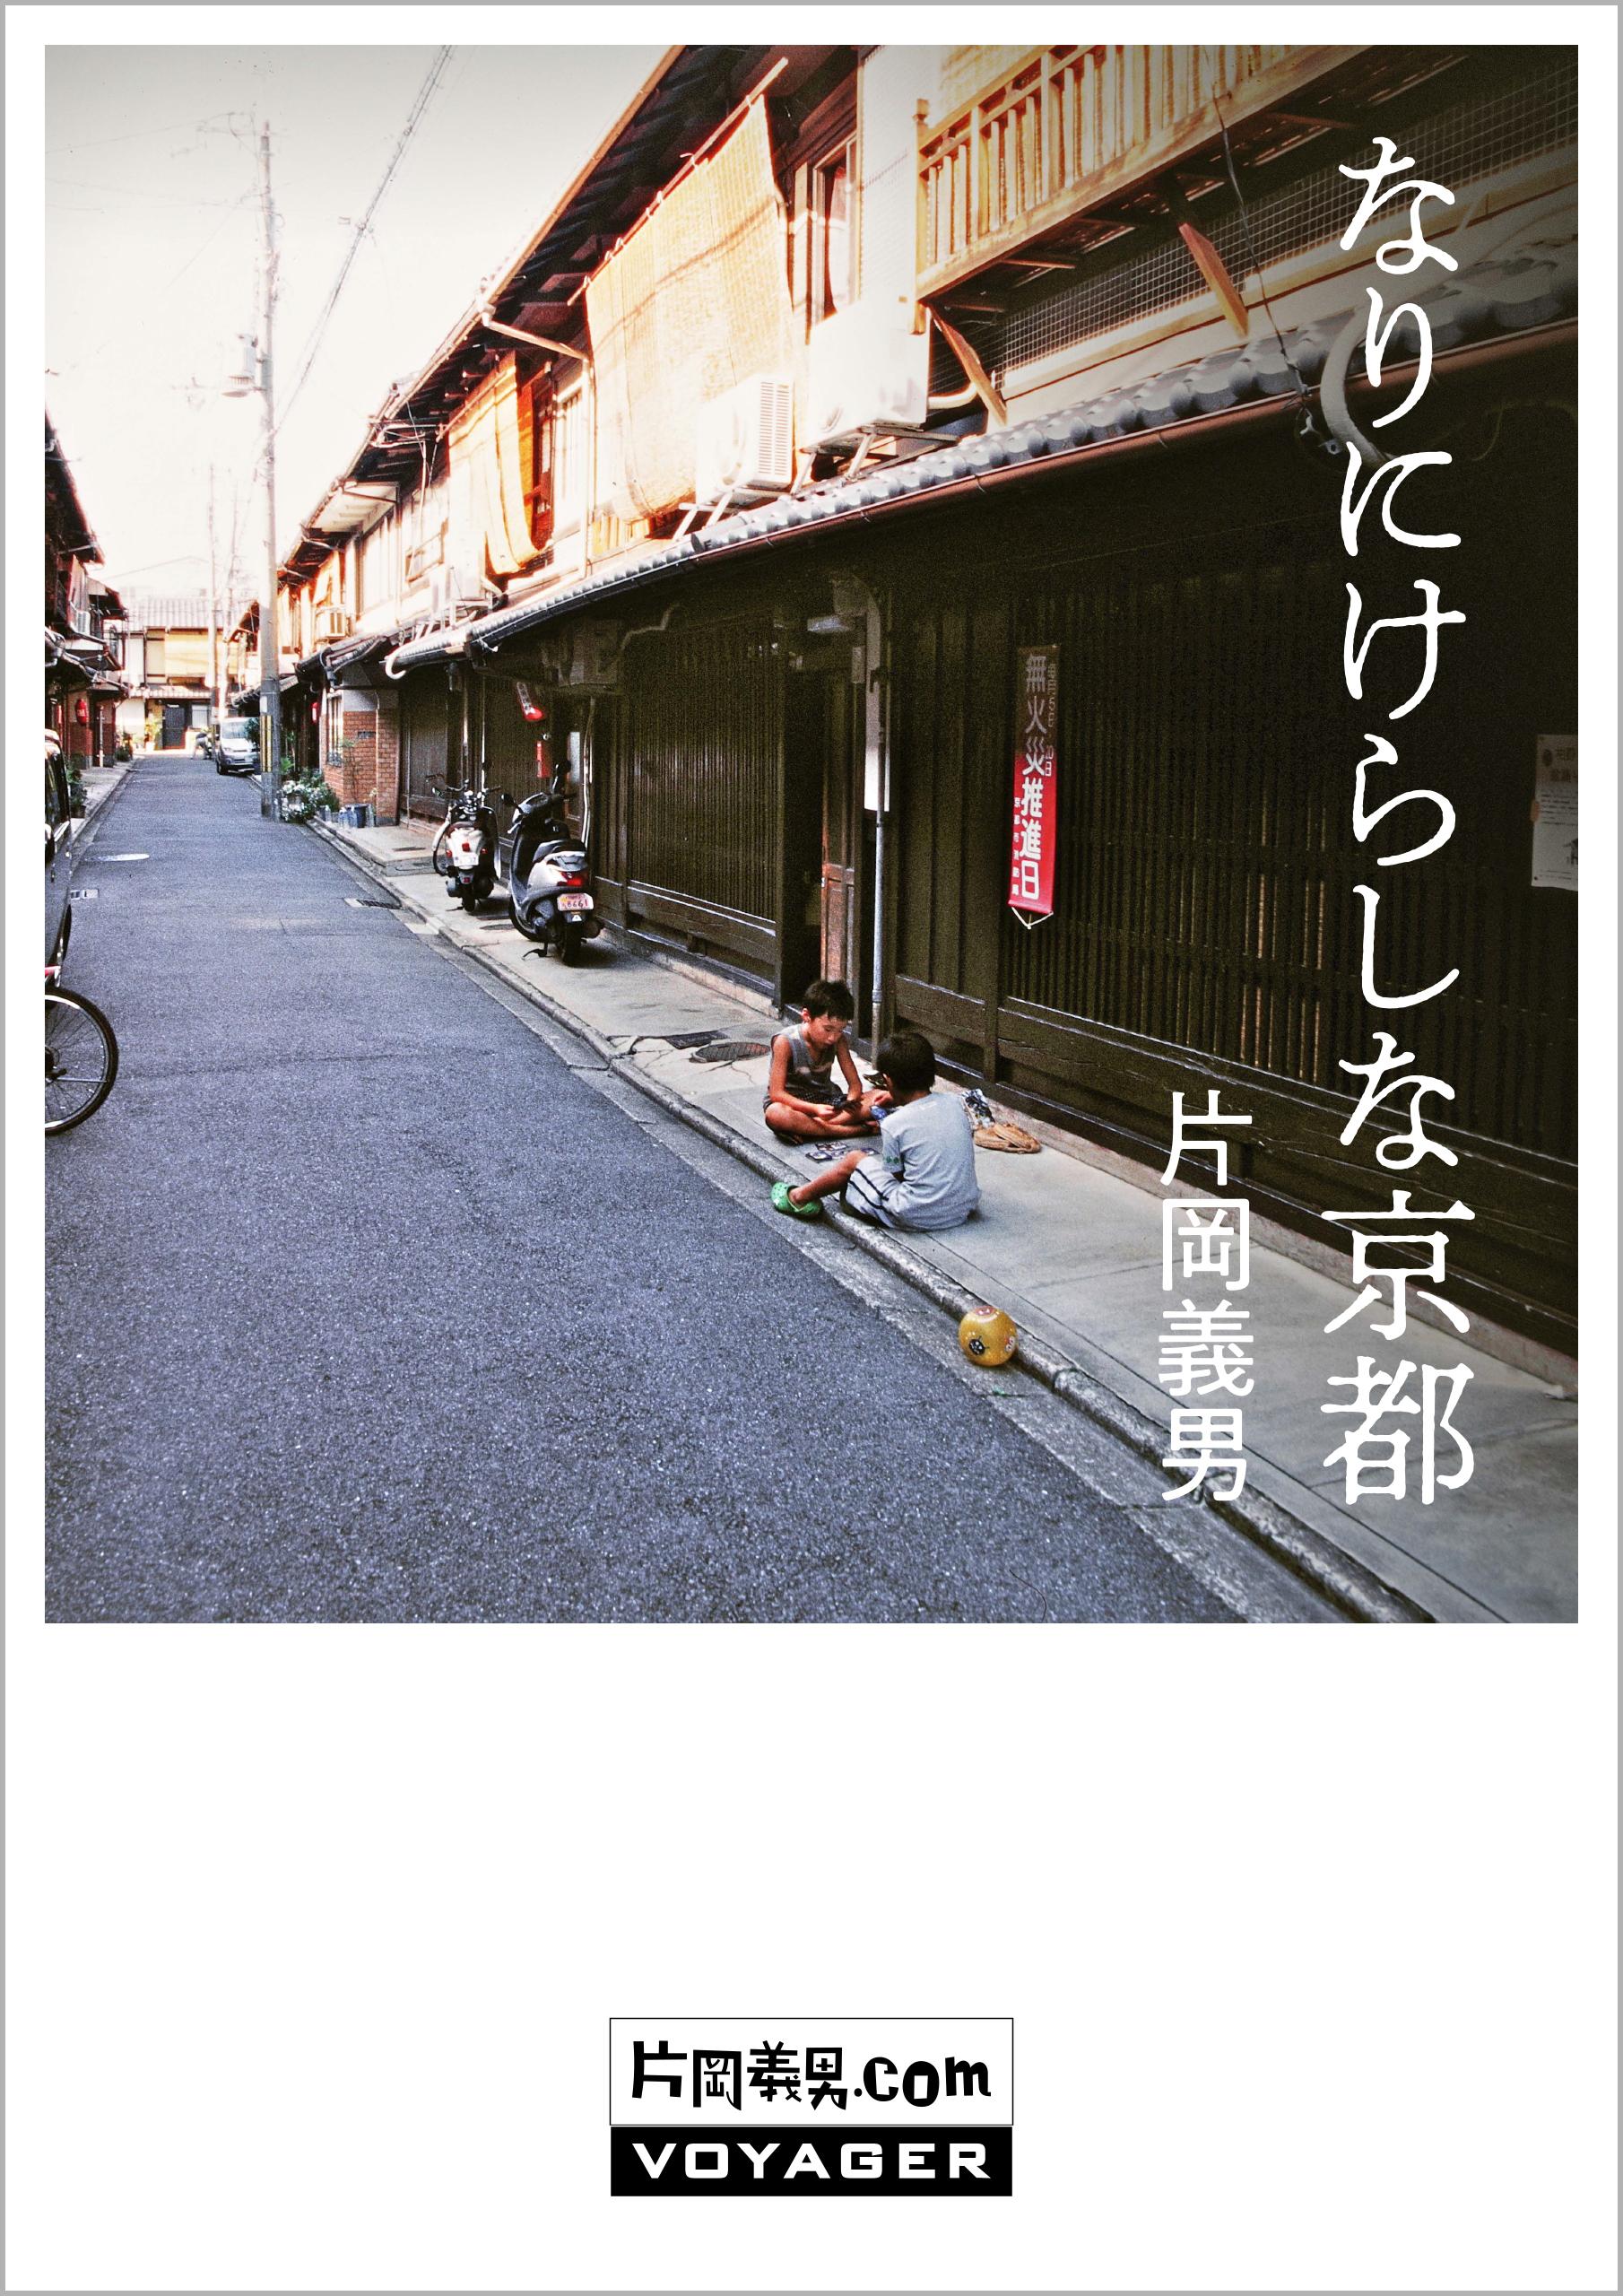 なりにけらしな京都